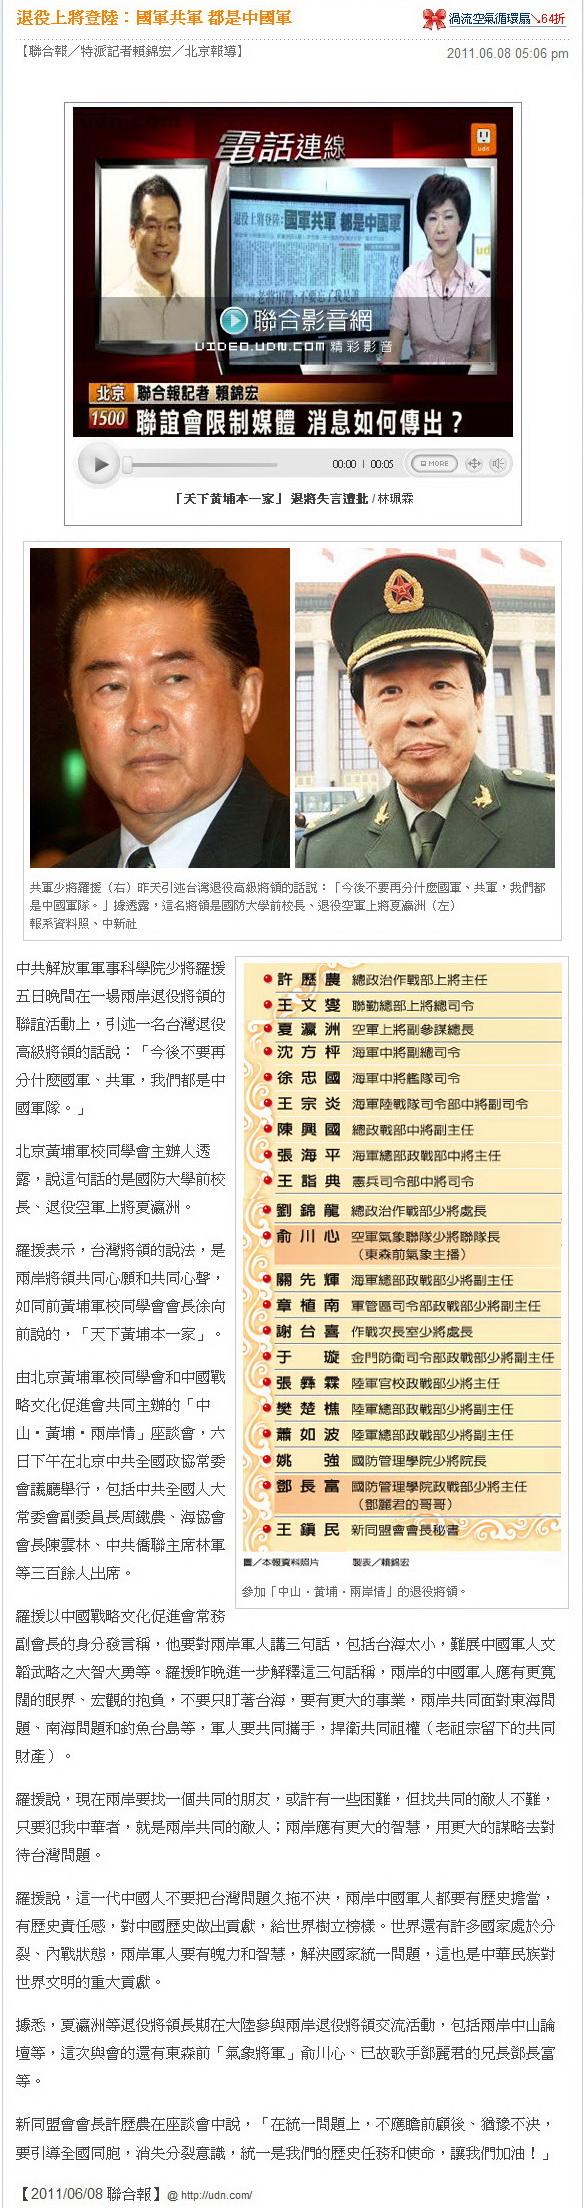 退役上將登陸:國軍共軍 都是中國軍-2011.06.08.jpg